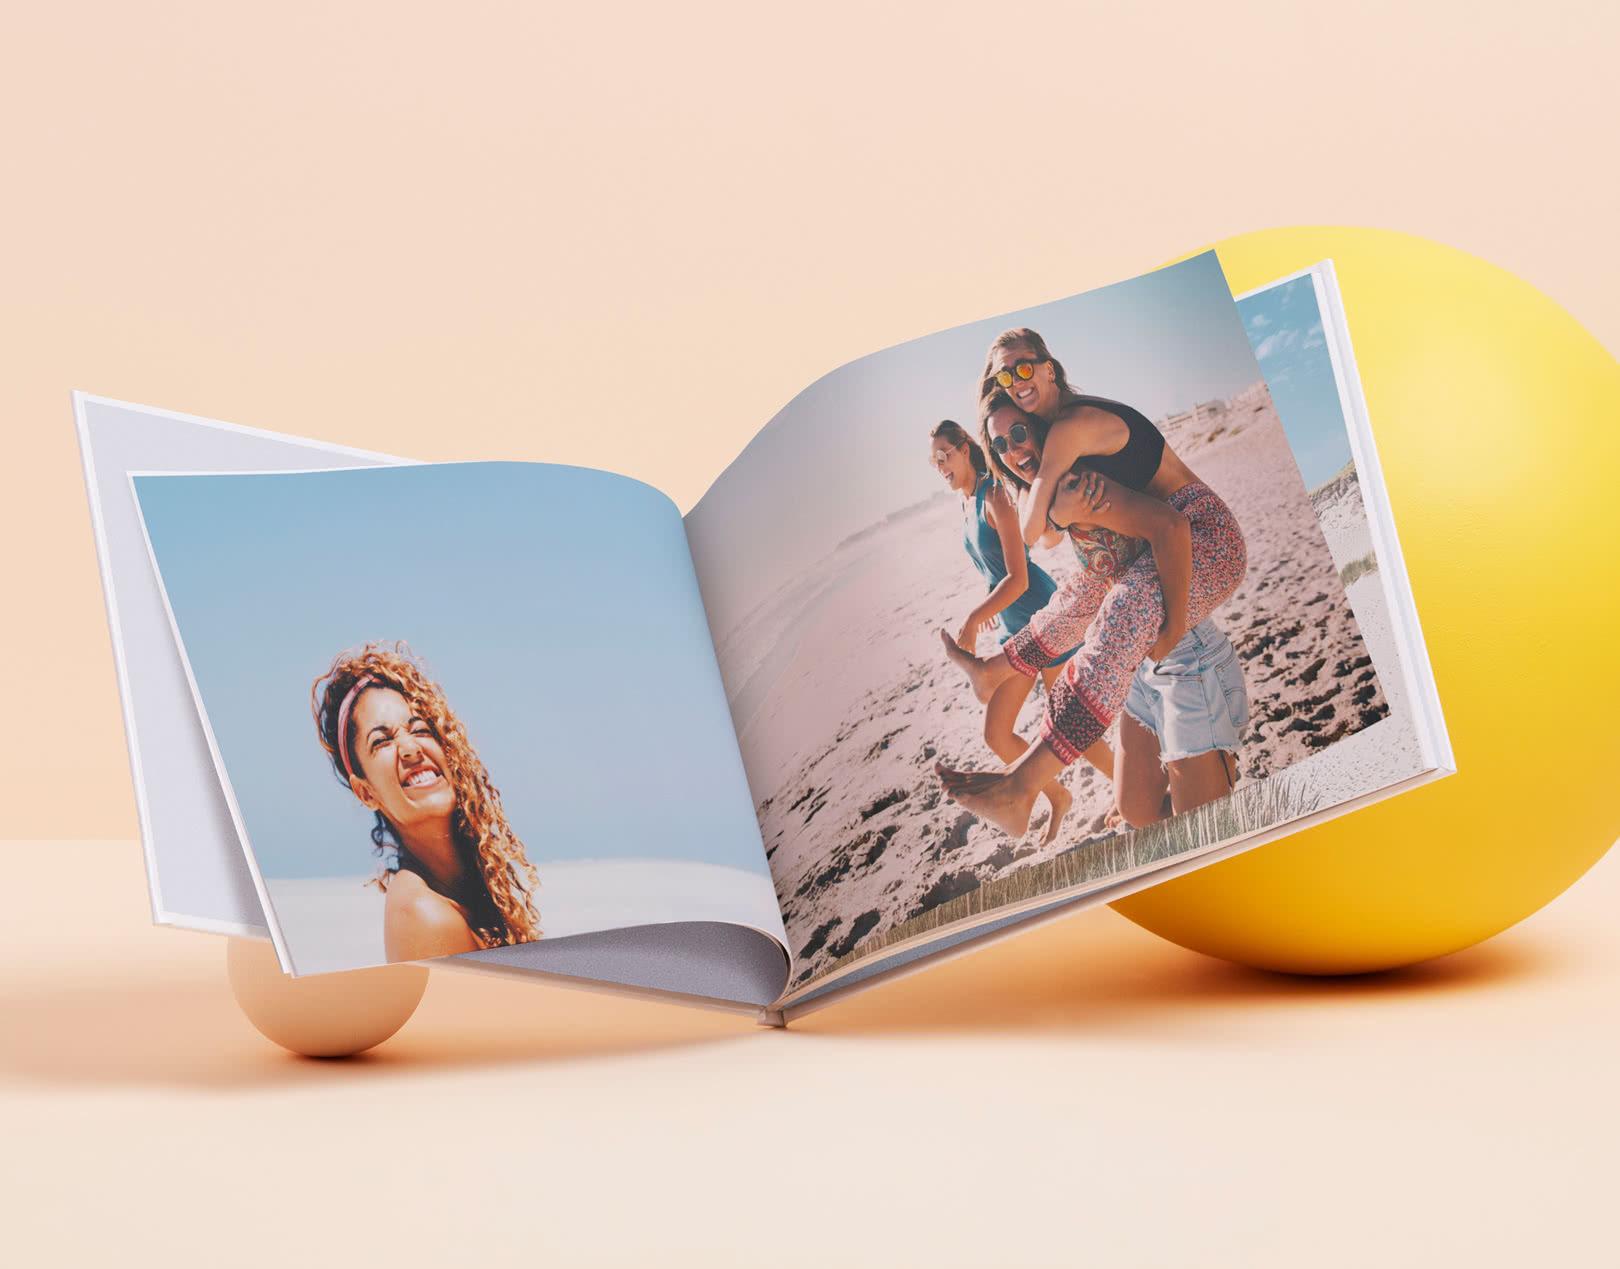 Livre Photo Creez Votre Album Photo Personnalise Photobox